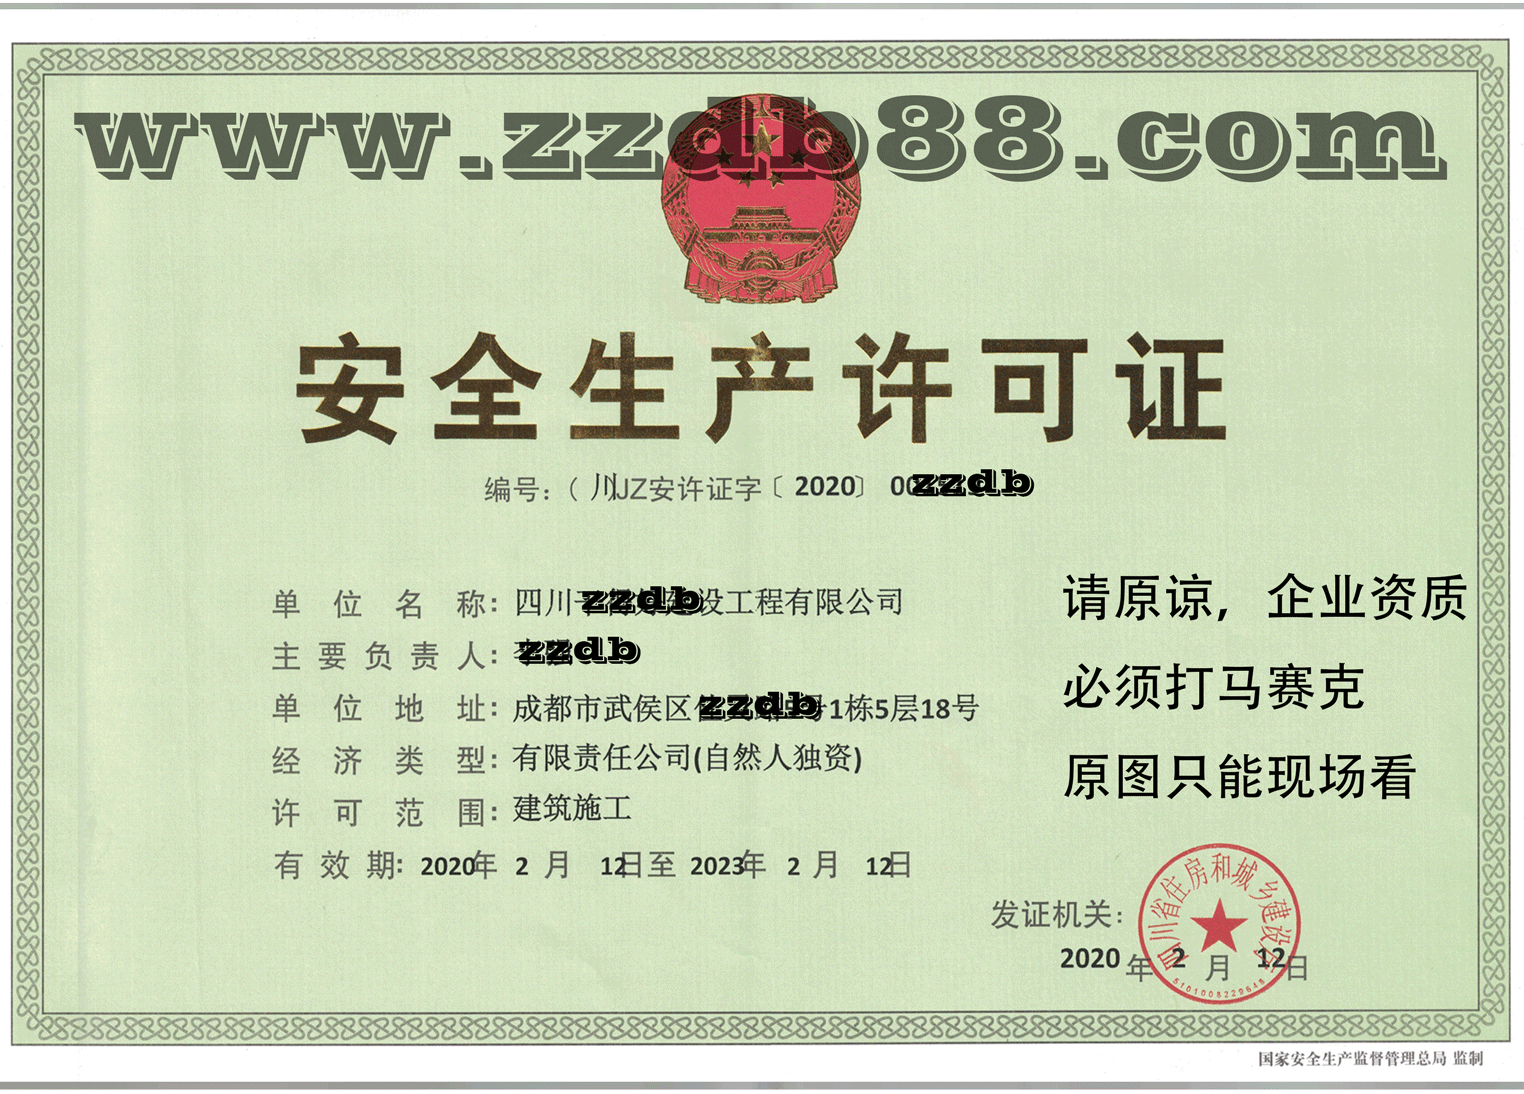 安全生产许可证正本20-2-12